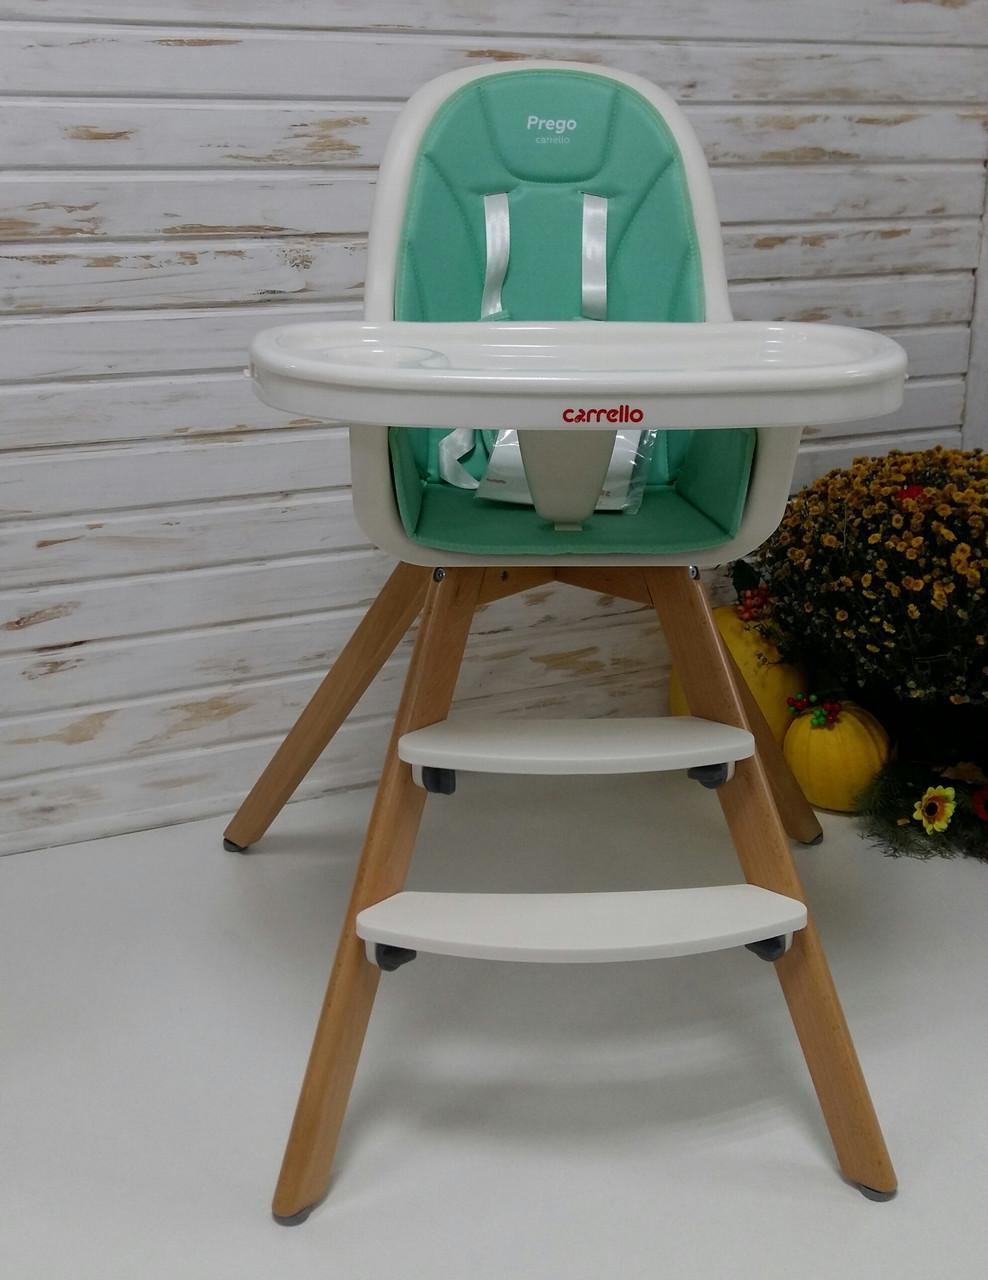 Стульчик для кормления CARRELLO Prego Aqua Green CRL-9504